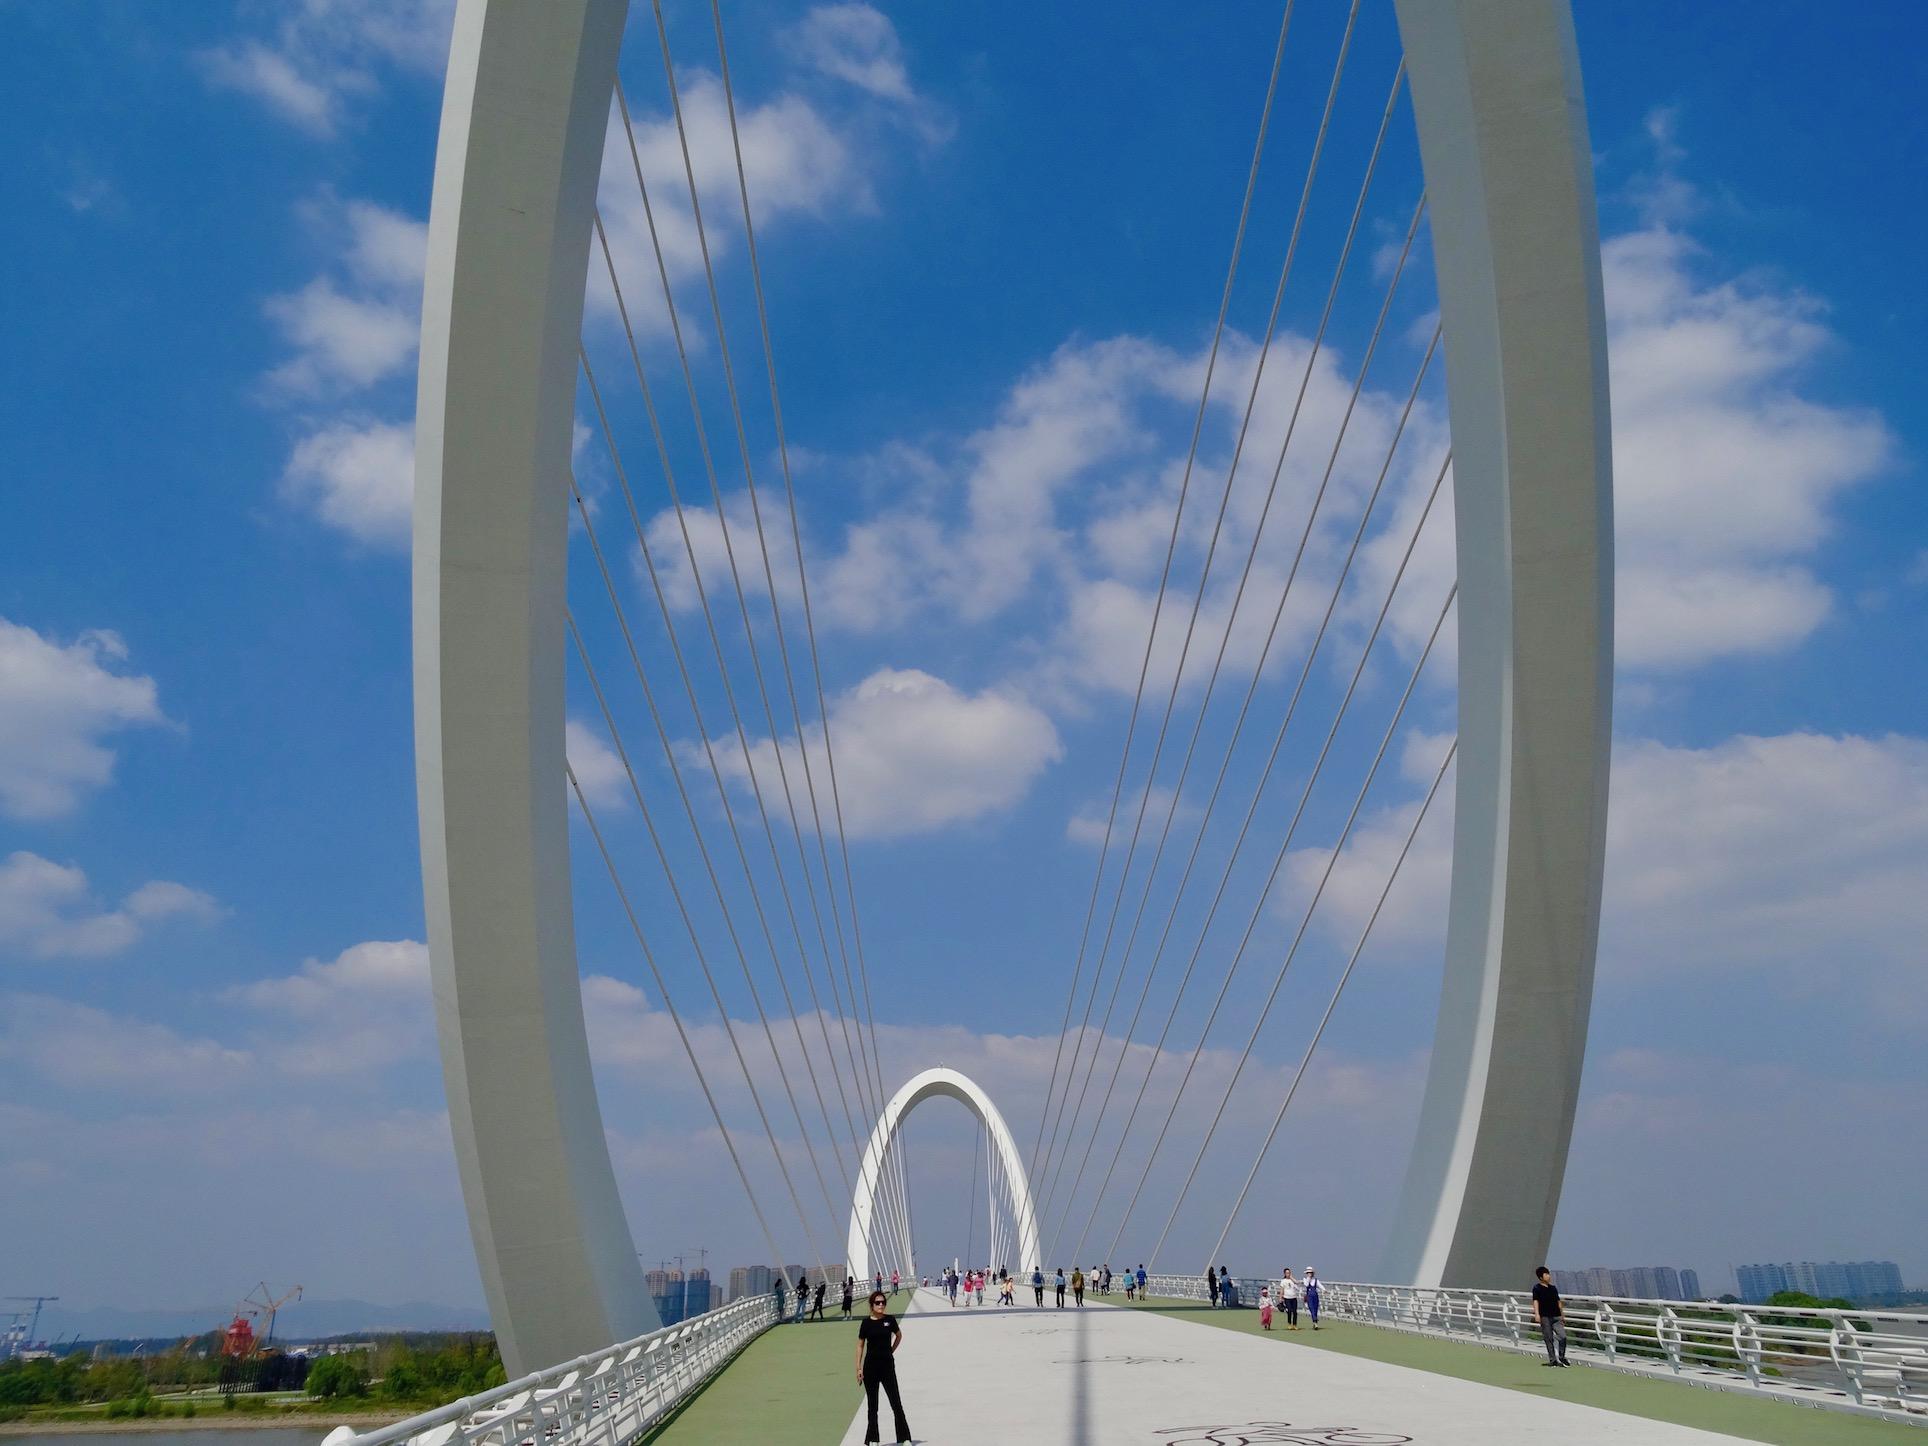 The Nanjing Eye pedestrian bridge Nanjing Olympic Park China